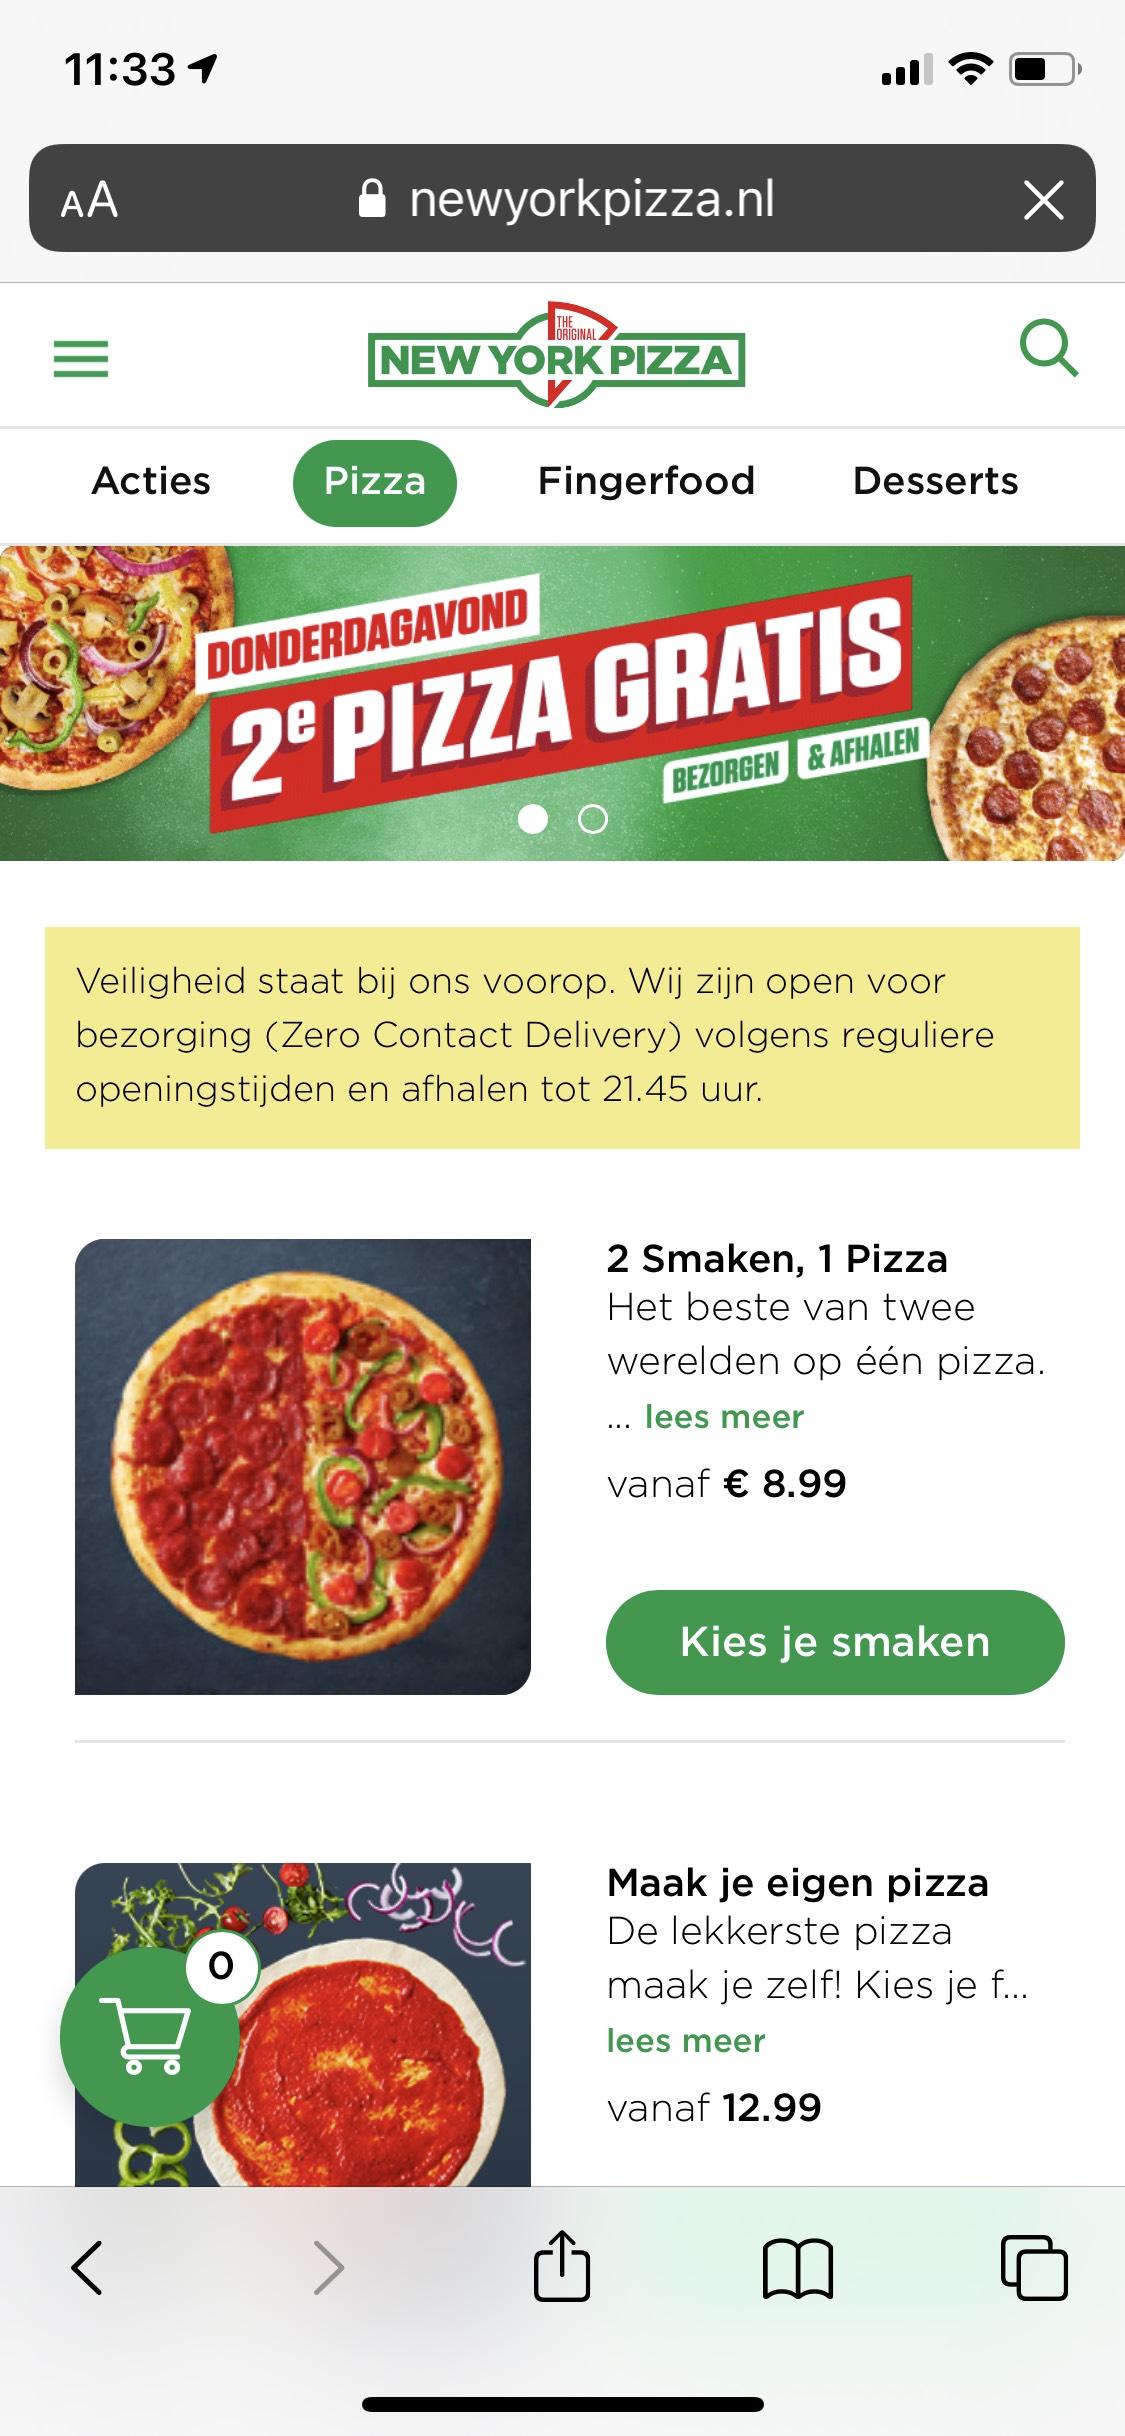 [Landelijk] New York Pizza - 2e pizza gratis (alle formaten!)